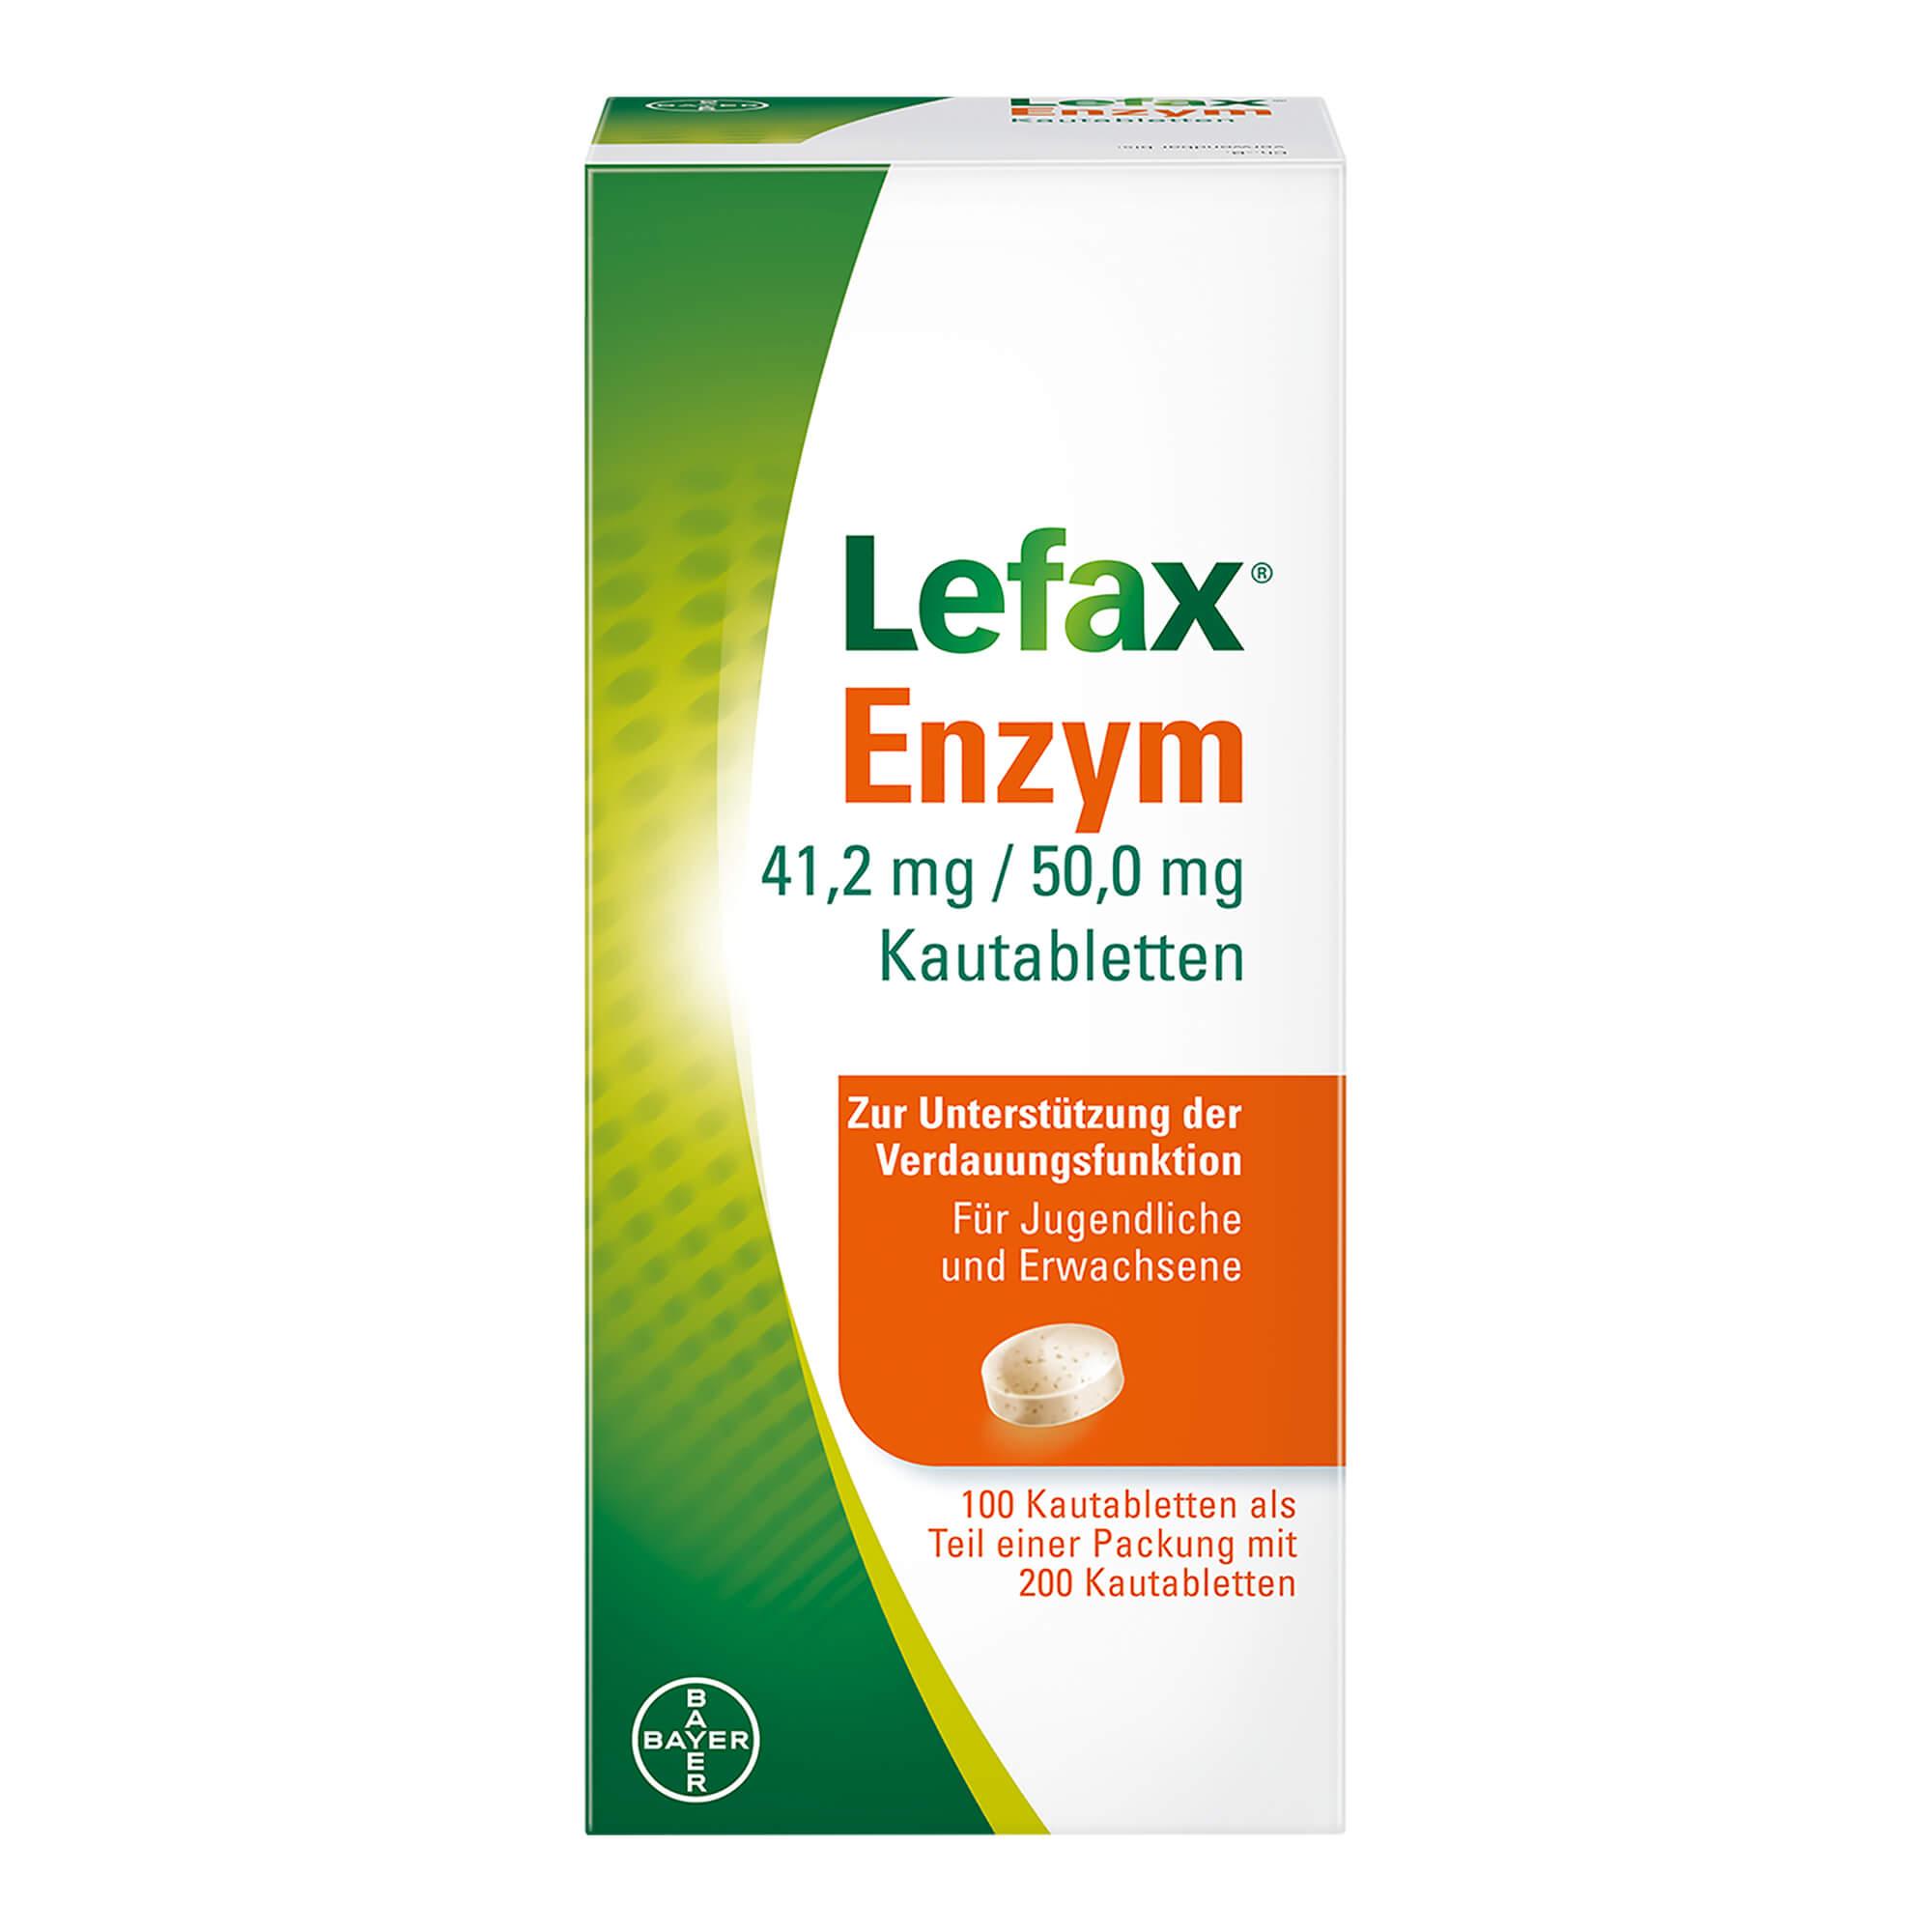 Lefax Enzym Kautabletten